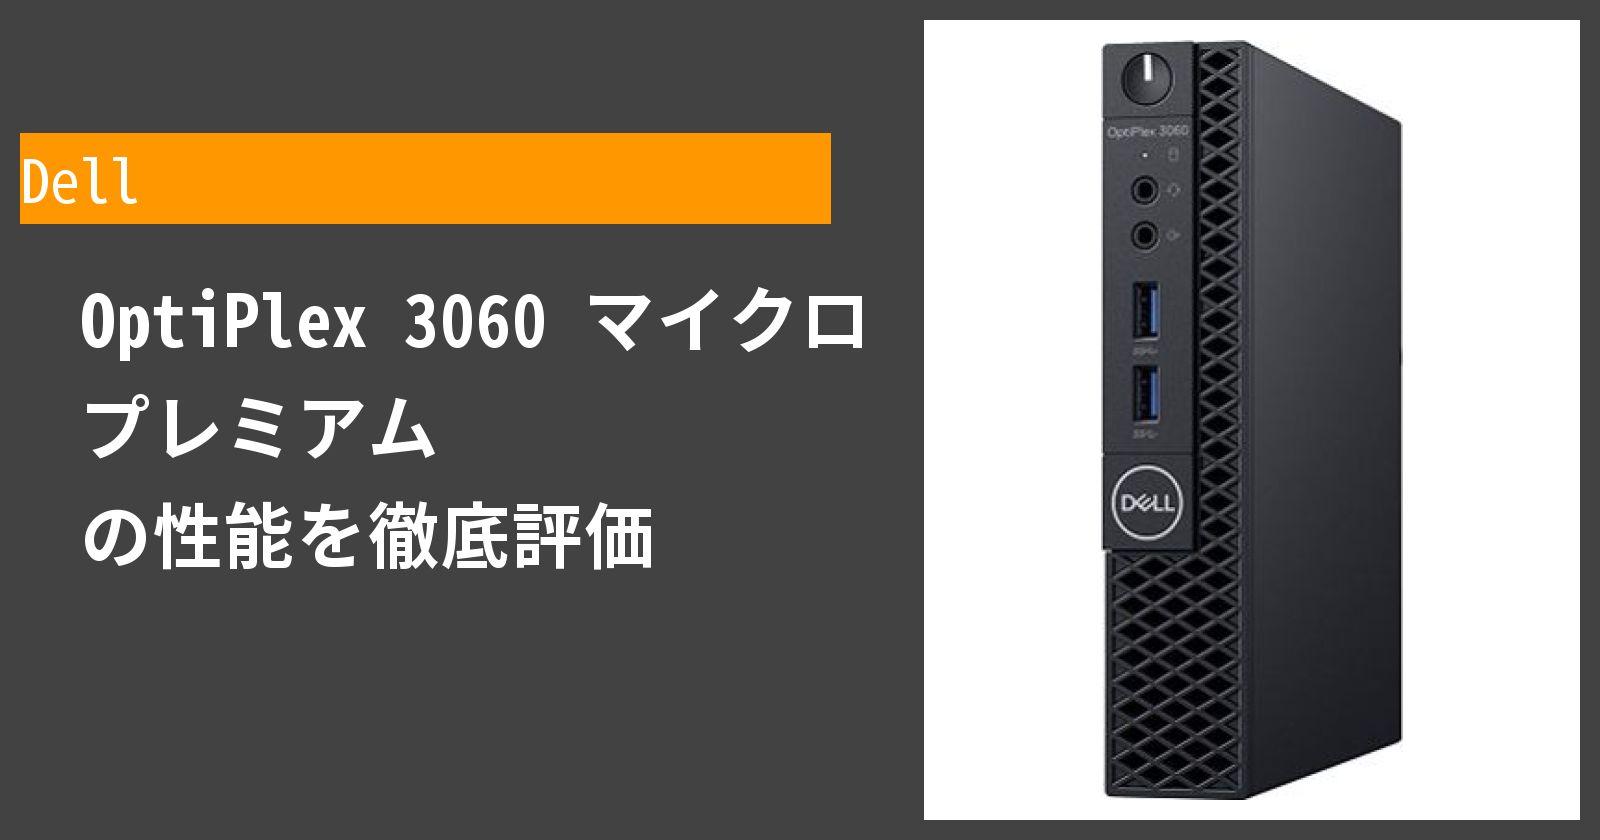 OptiPlex 3060 マイクロ プレミアム の性能を徹底評価